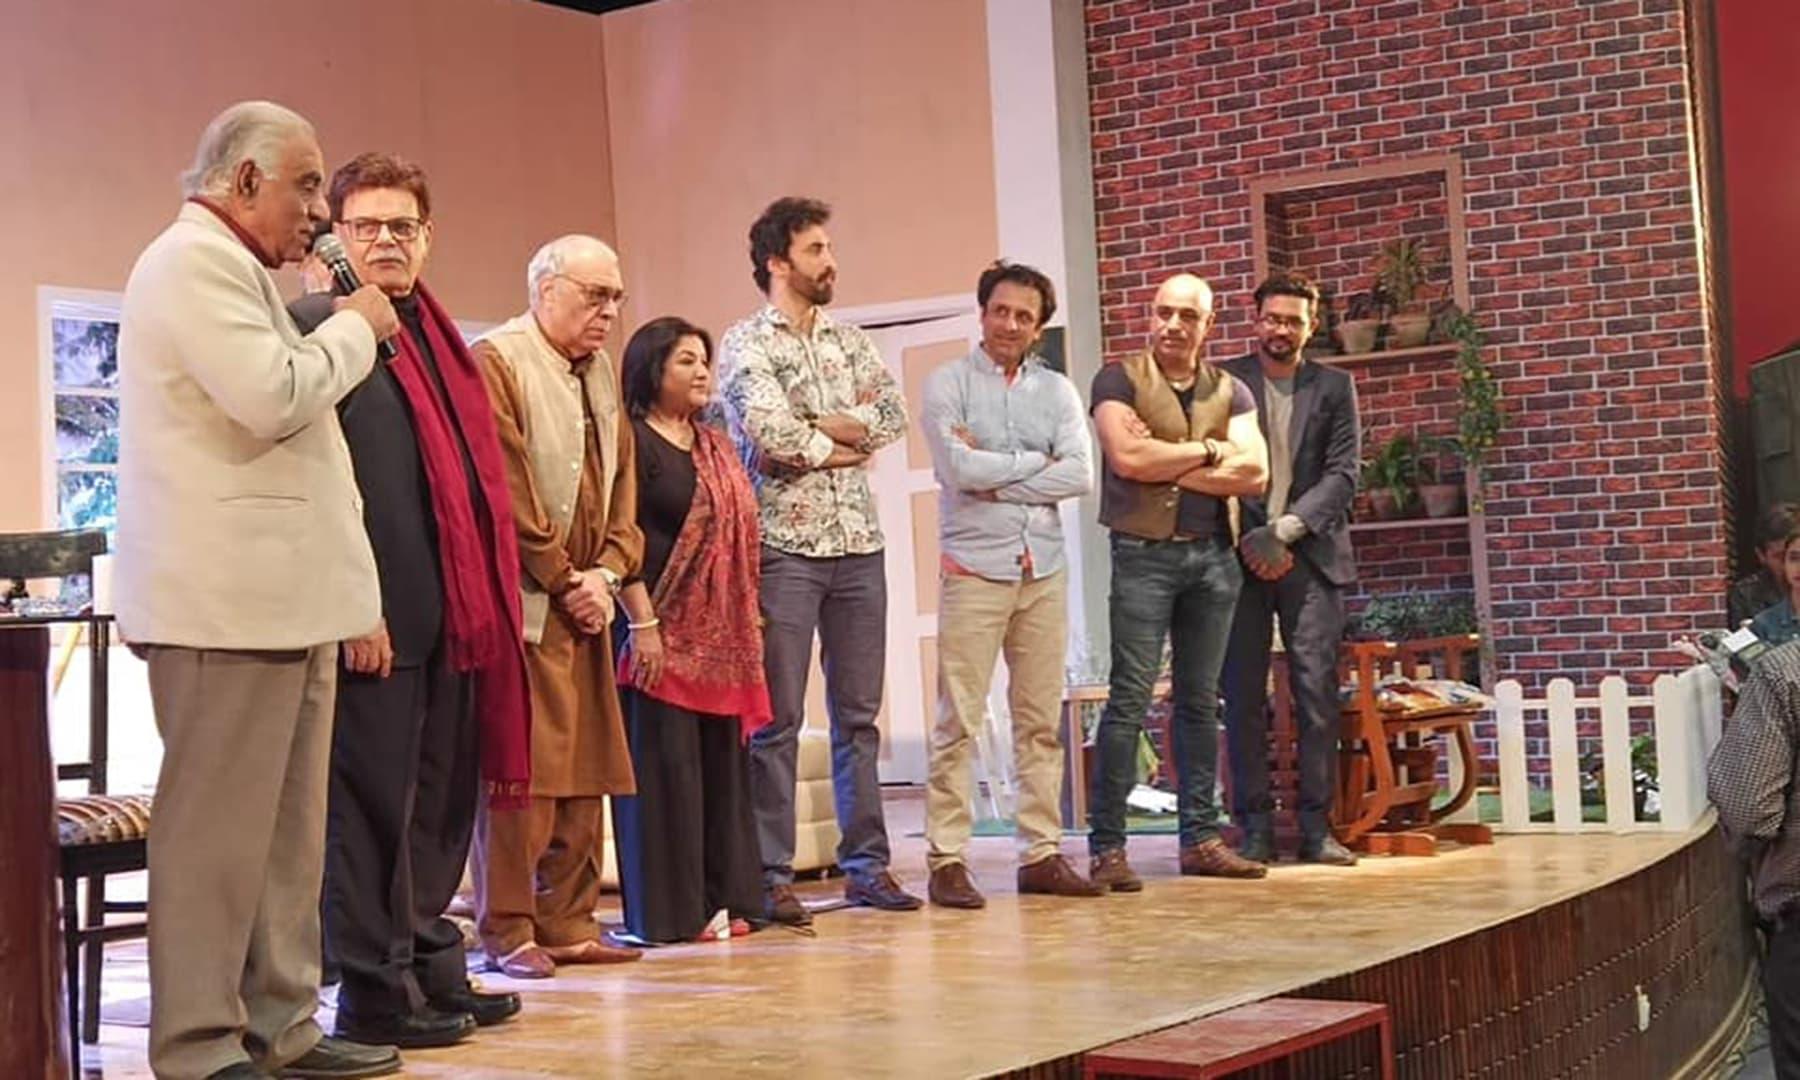 بھائی بھائی کھیل کا ایک مقصد پاکستان میں تھیٹر کے فروغ کے لیے عملی کوششیں کرنا بھی ہیں